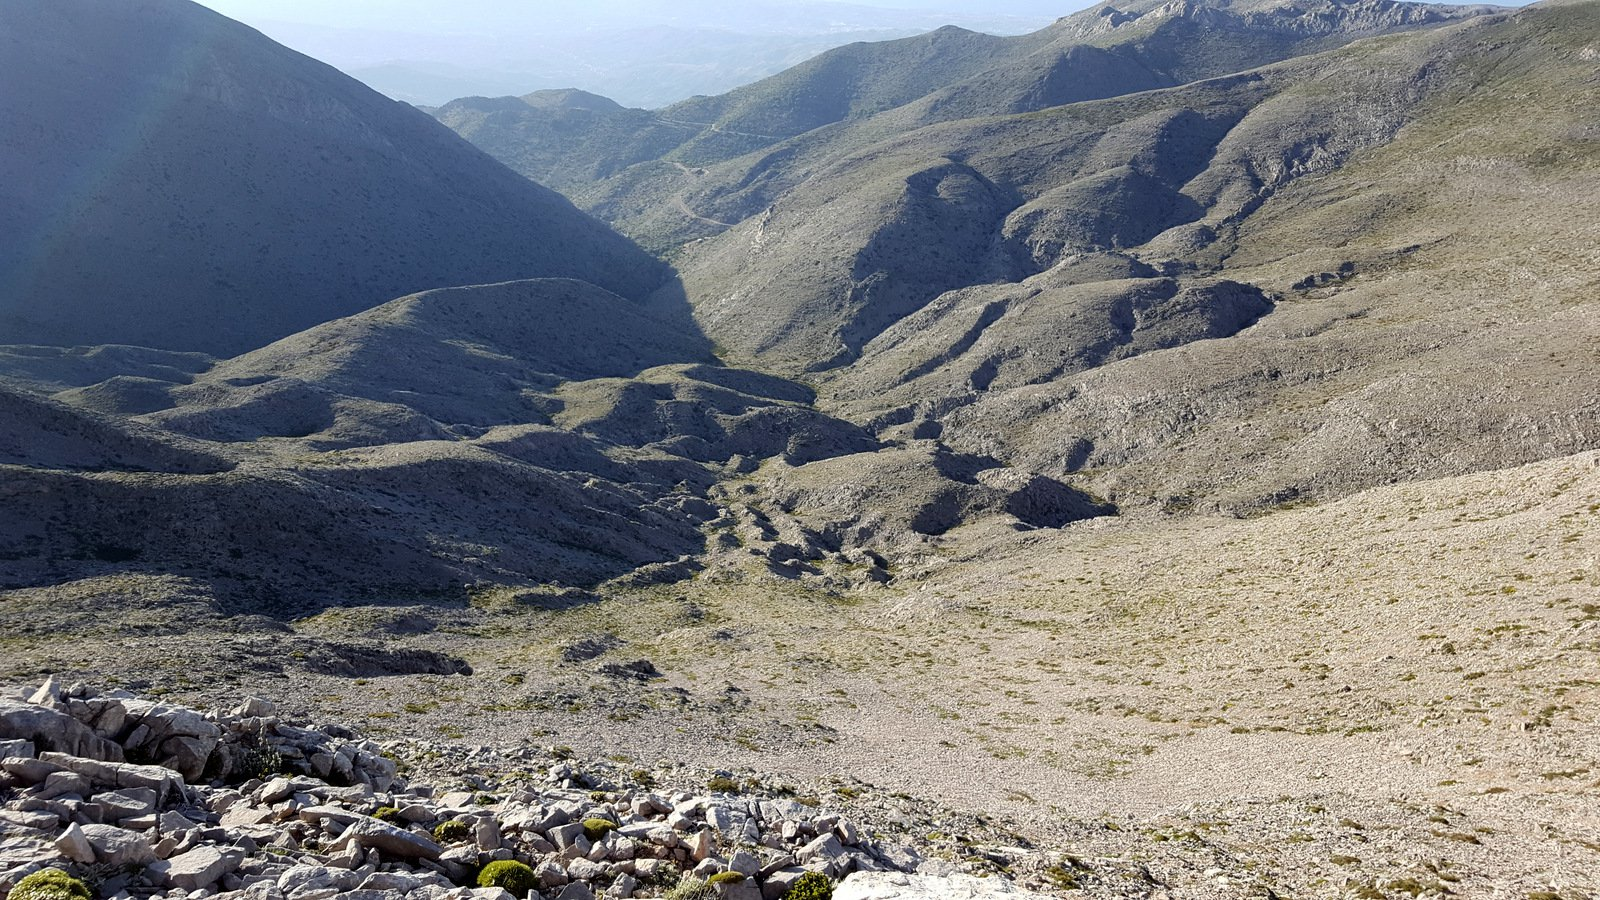 La valle di rientro al Mitato Kakoperato, in fondo la sterrata di accesso al mitato.